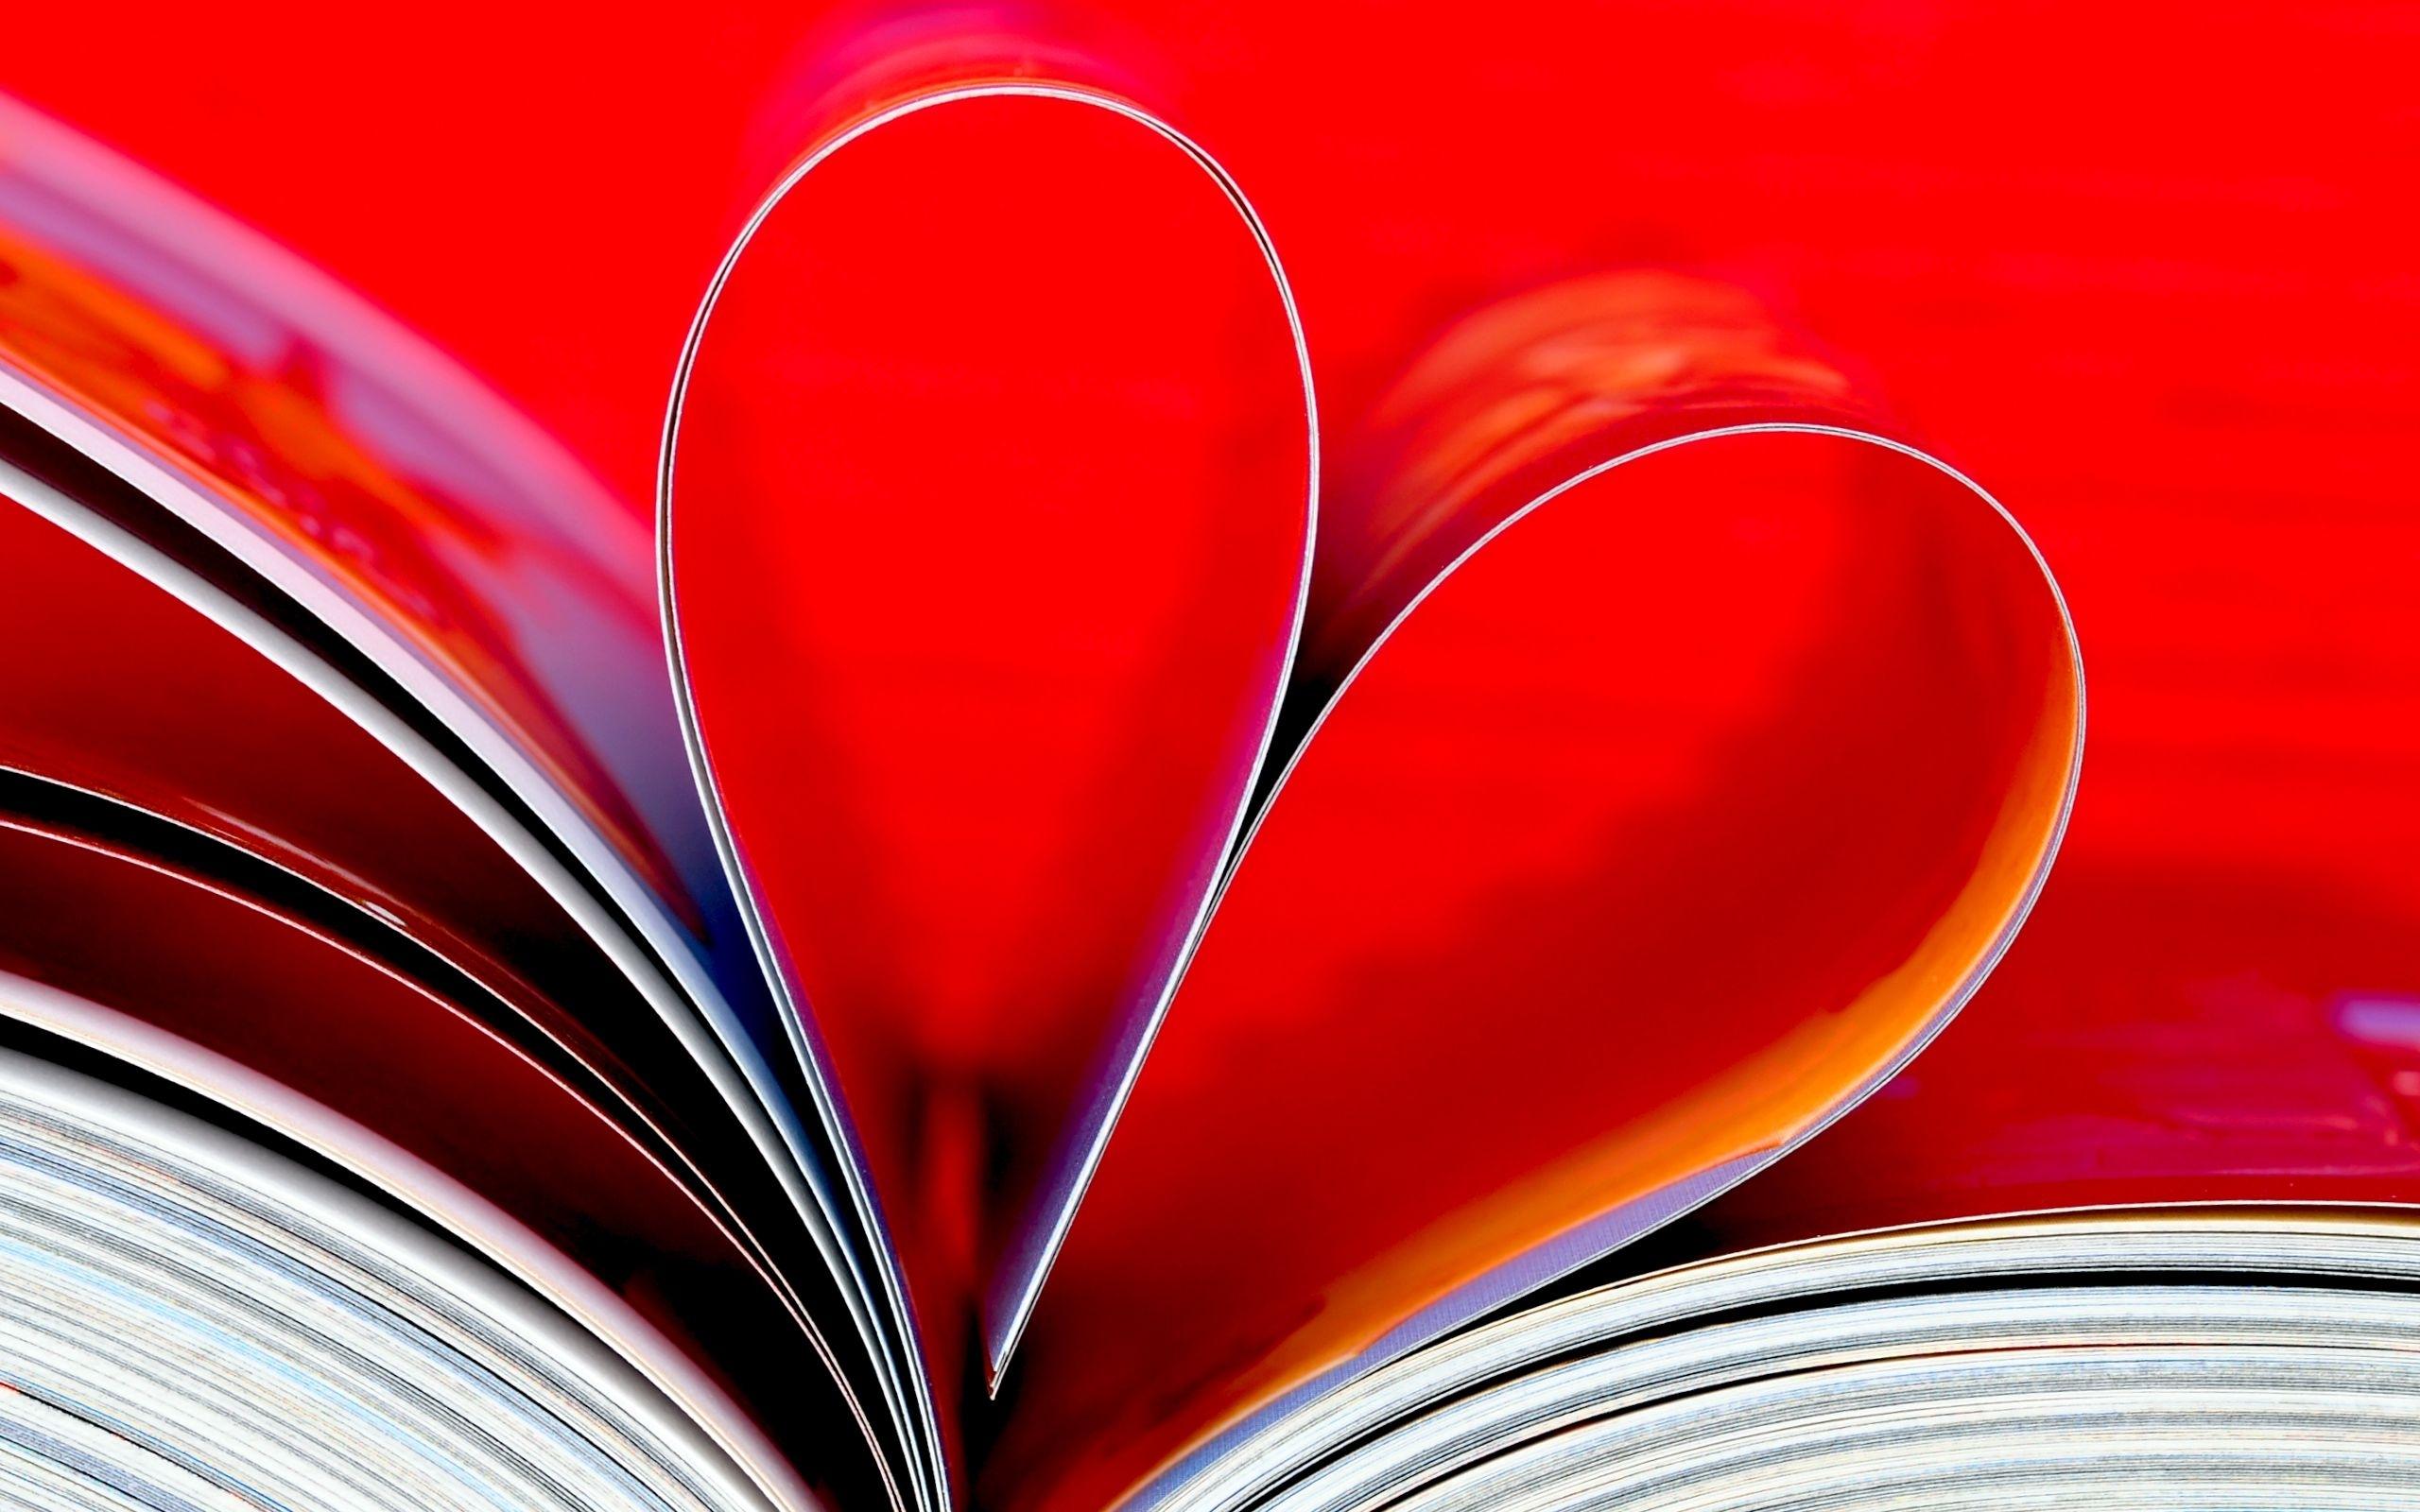 31937 скачать обои Фон, Сердца, Книги - заставки и картинки бесплатно